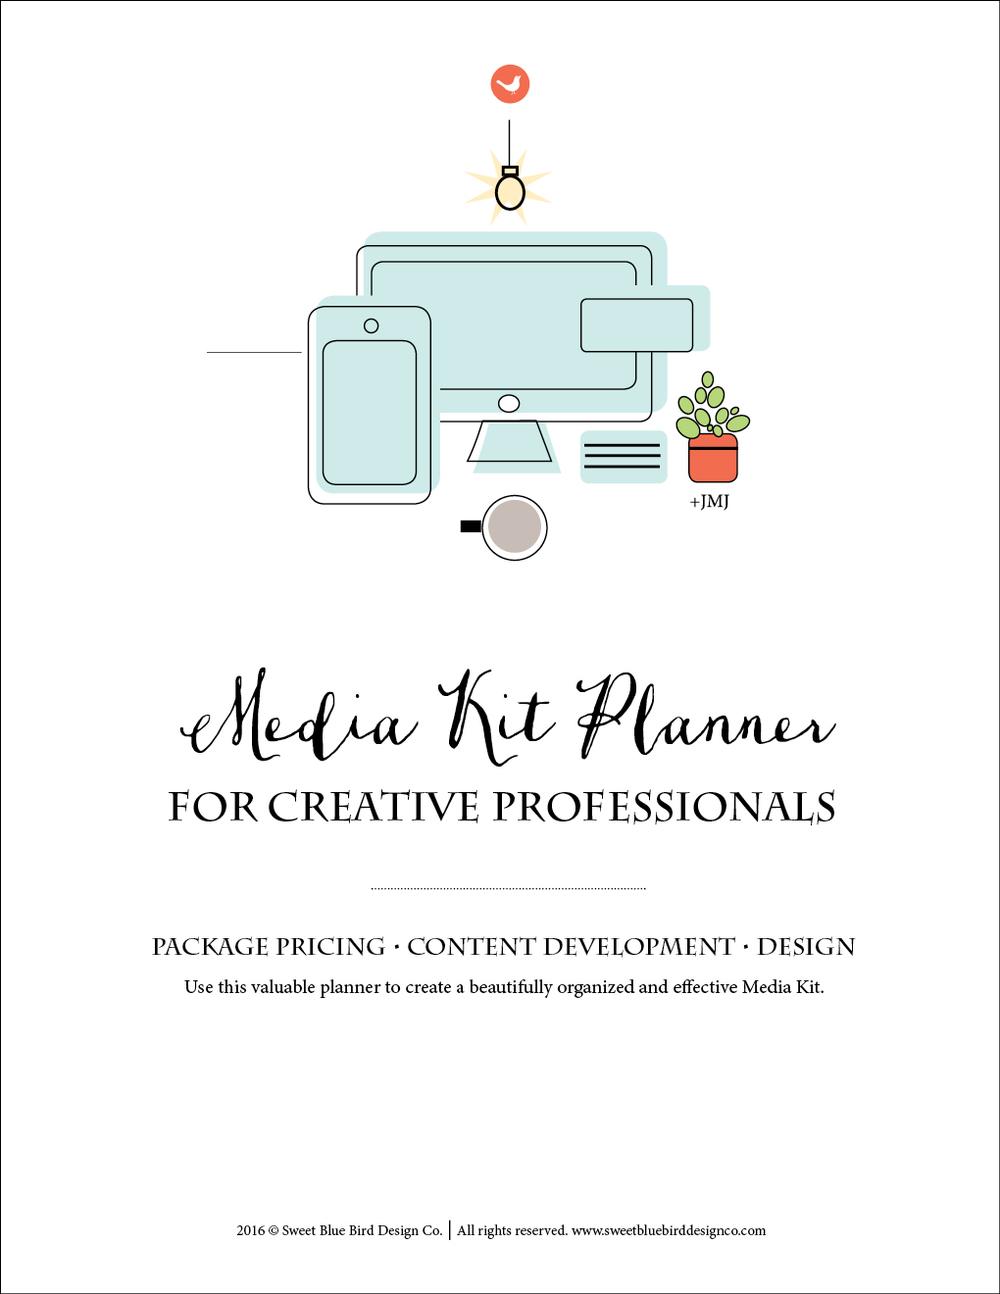 media-kit-planner.jpg